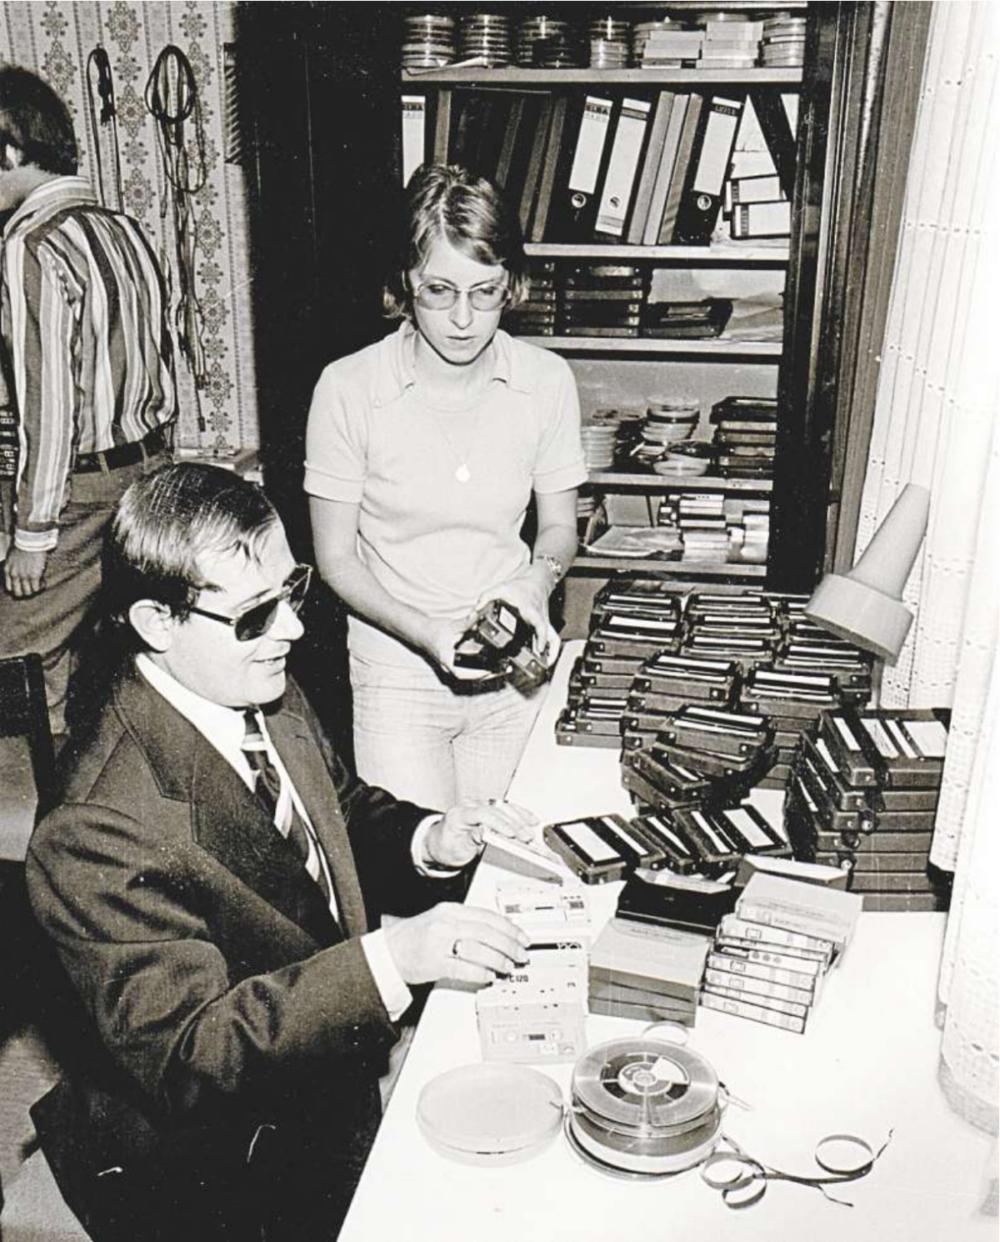 Eine Schwarzweißaufnahme zeigt zwei Personen an einem Tisch mit vielen Kassetten und Tonbändern darauf. Eine Person ist Hans-Dieter Sailer, den Wegbereiter der atz Hörmedien. Er trägt Anzug und Schlips und eine dunkle Brille. Sailer tastet an mehreren ausgepackten Kassetten. Neben ihm steht eine jüngere Frau mit Brille. Sie beobachtet ihn und hat ein eingepacktes Spulentonband in der Hand. Im Hintergrund steht ein offener Schrank mit Ordnern und weiteren zahlreichen Tonbandspulen darin, Foto: atz Hörmedien.